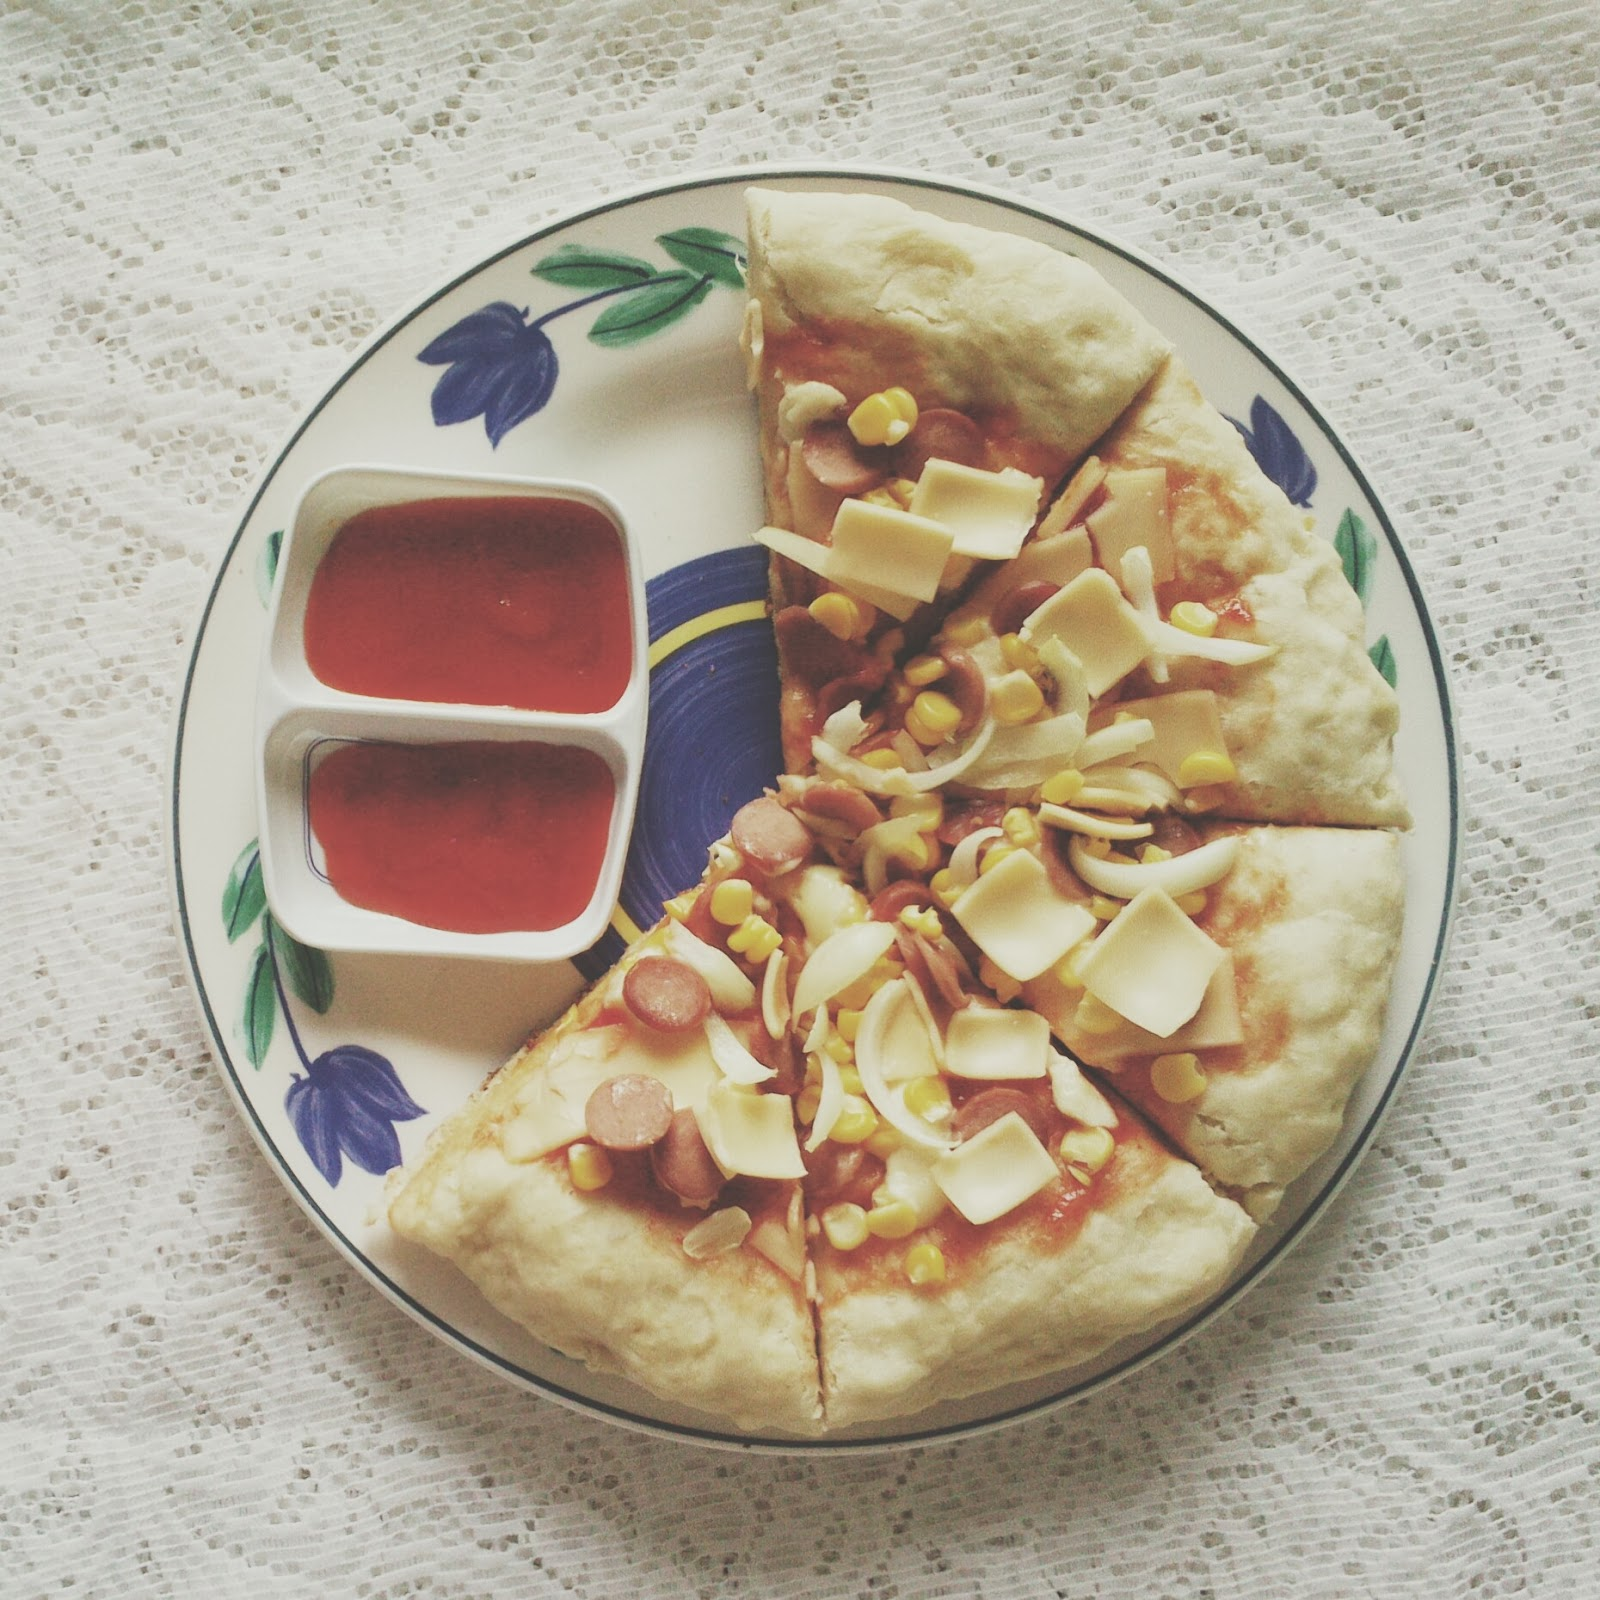 Resep Pizza Tanpa Oven Jadi Ceritanya Hari Sabtu Kemarin Aku Nyobain Bikin Resepnya Dapat Dari Dapur Umami